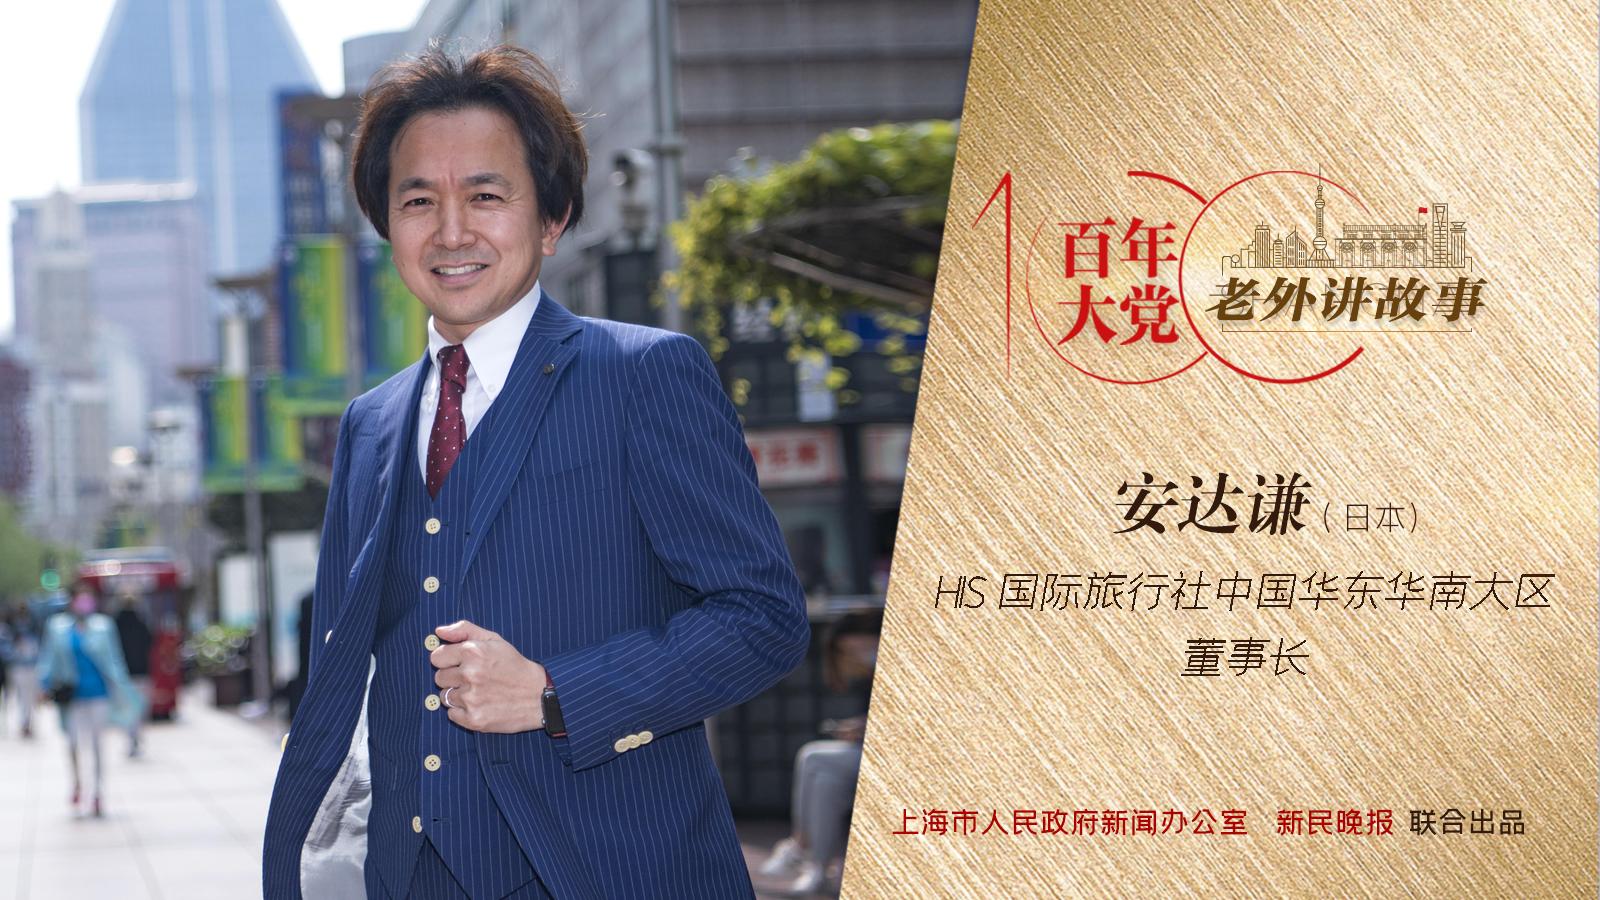 第46期 | 安达谦:希望更多外国朋友来上海,来一次长三角之旅